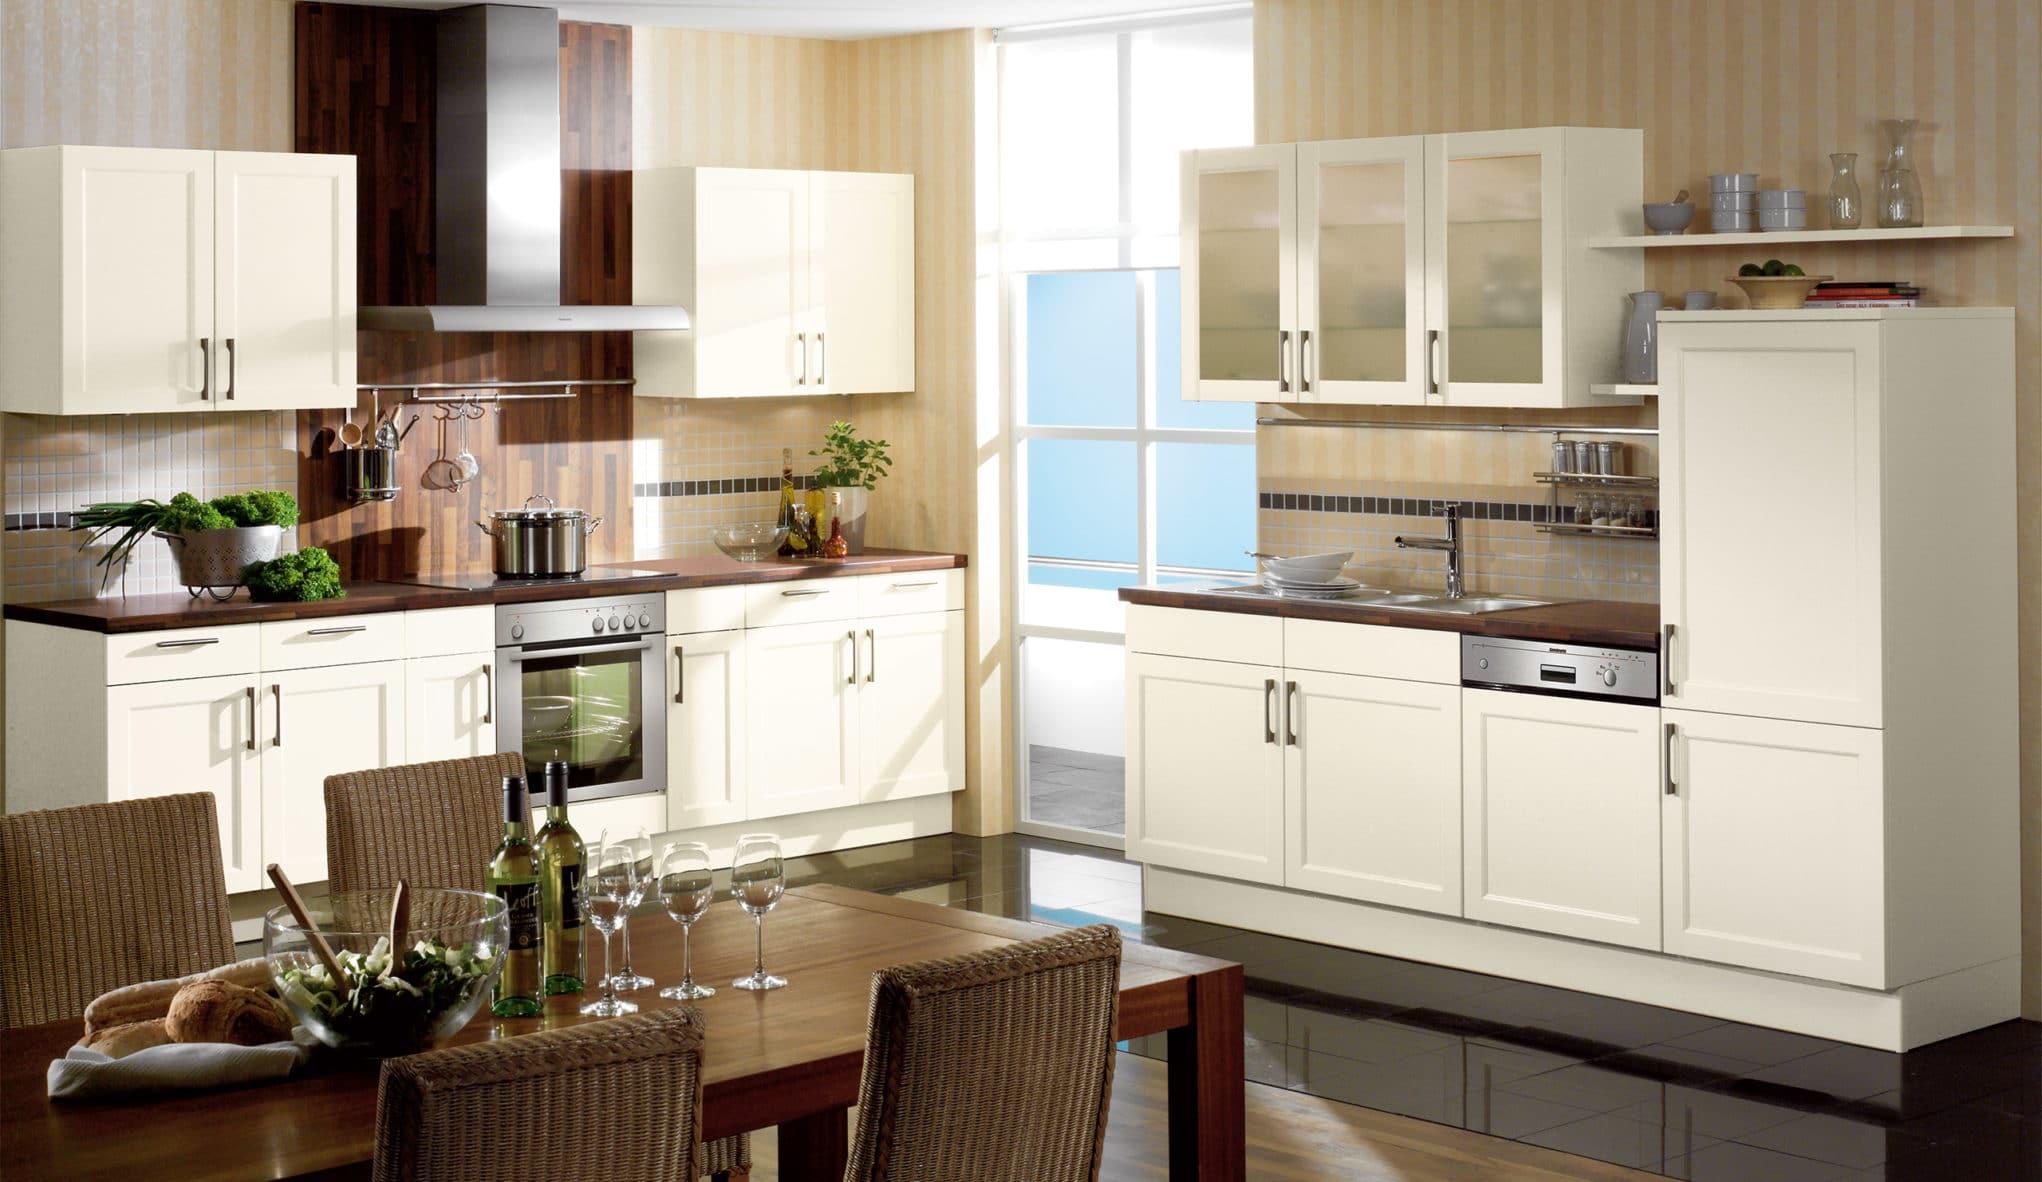 Full Size of Küchen Quelle Kchen Schafft Lebensraum Aus Erfahrung 1 2 Familyde Regal Wohnzimmer Küchen Quelle